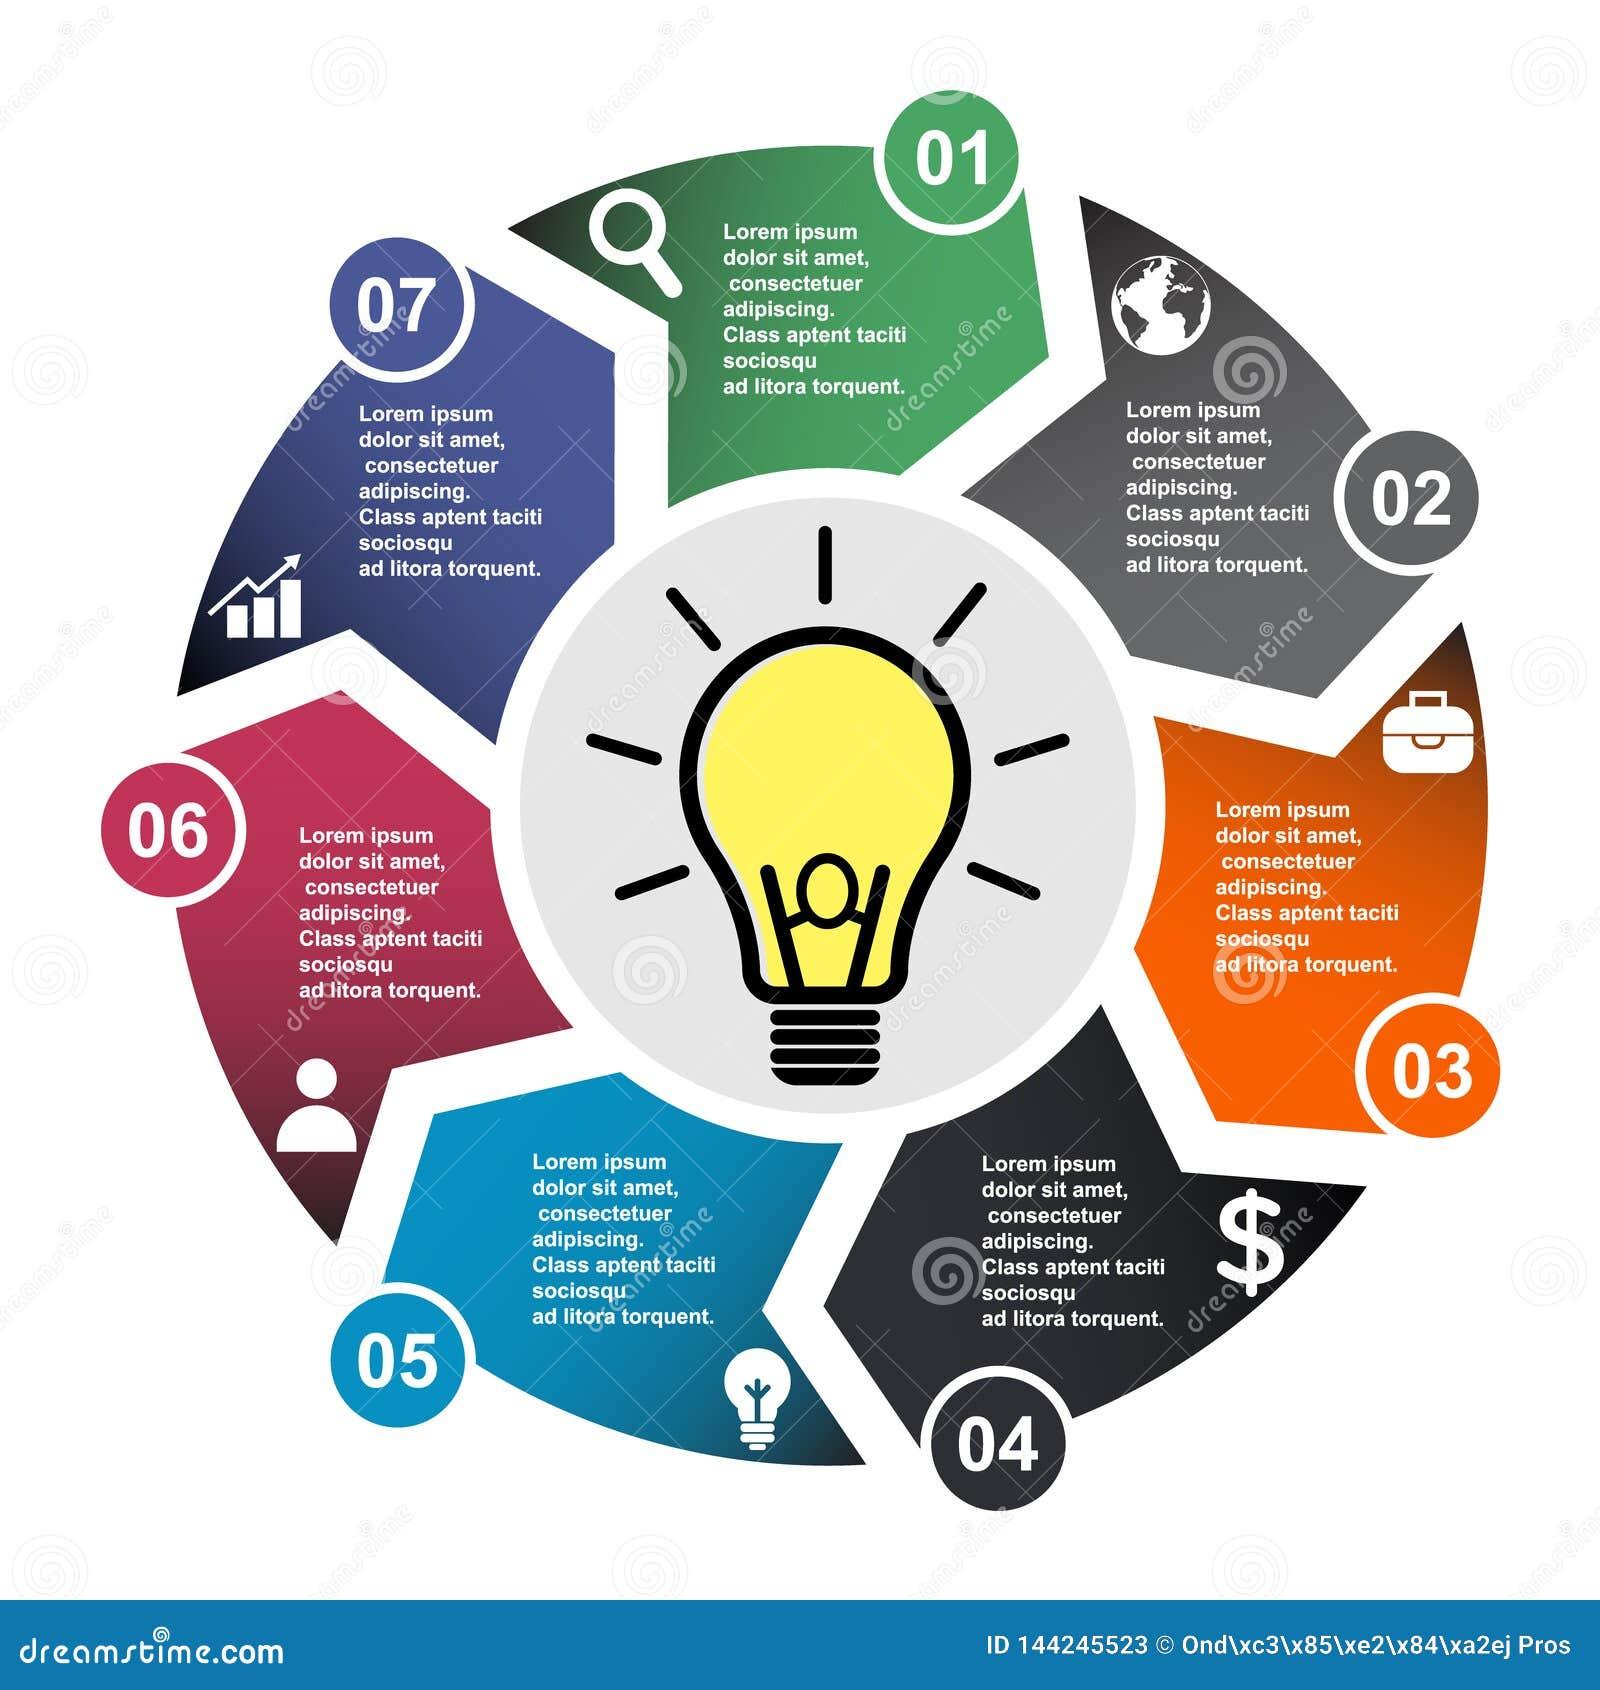 διανυσματικό στοιχείο 7 βημάτων σε επτά χρώματα με τις ετικέτες, infographic διάγραμμα Επιχειρησιακή έννοια 7 βημάτων ή επιλογών